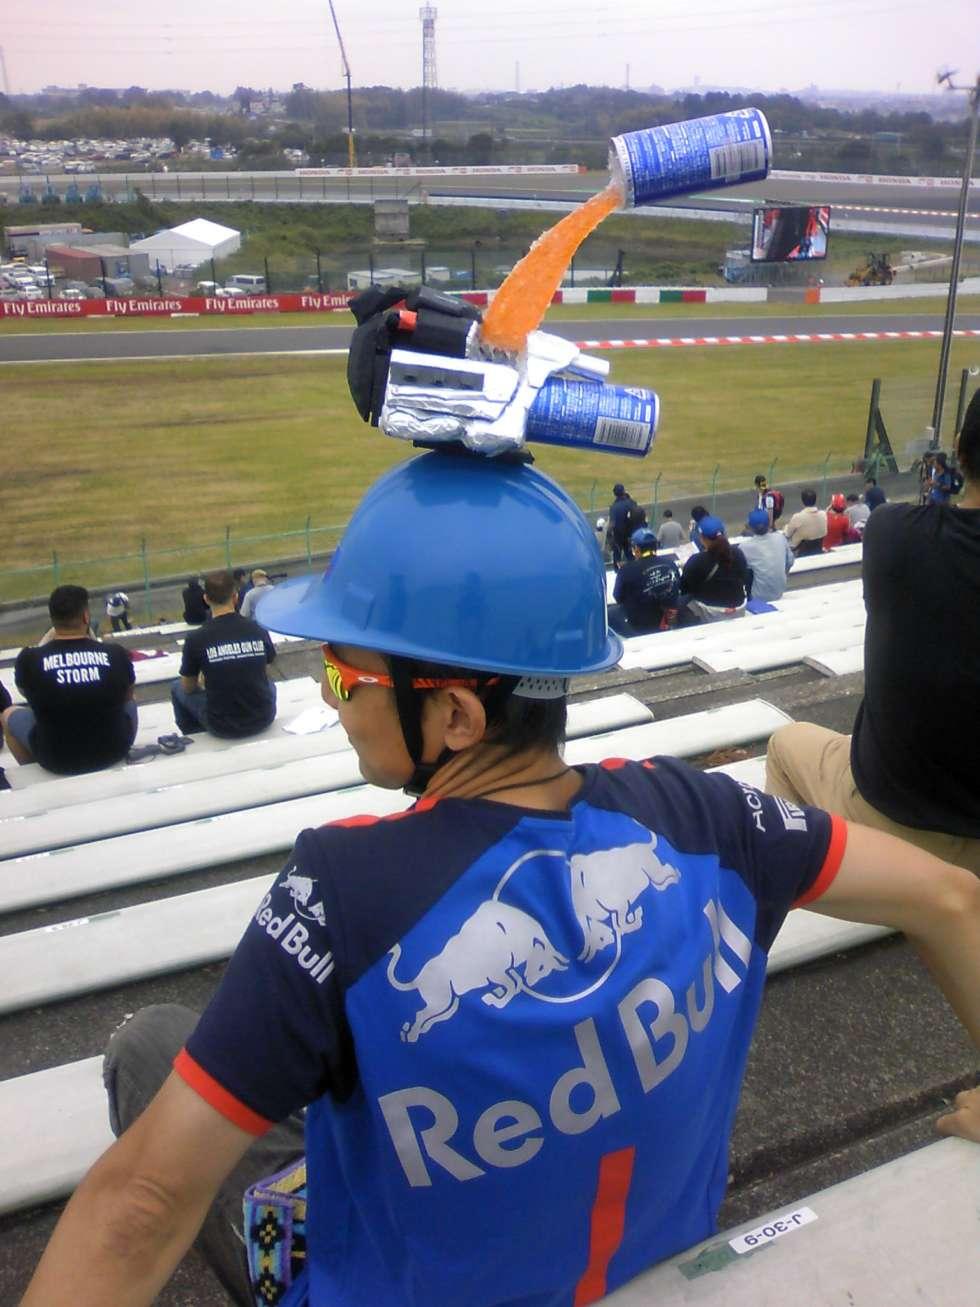 【写真】HONDAパワーユニットが頭頂に搭載されたオリジナルヘルメット